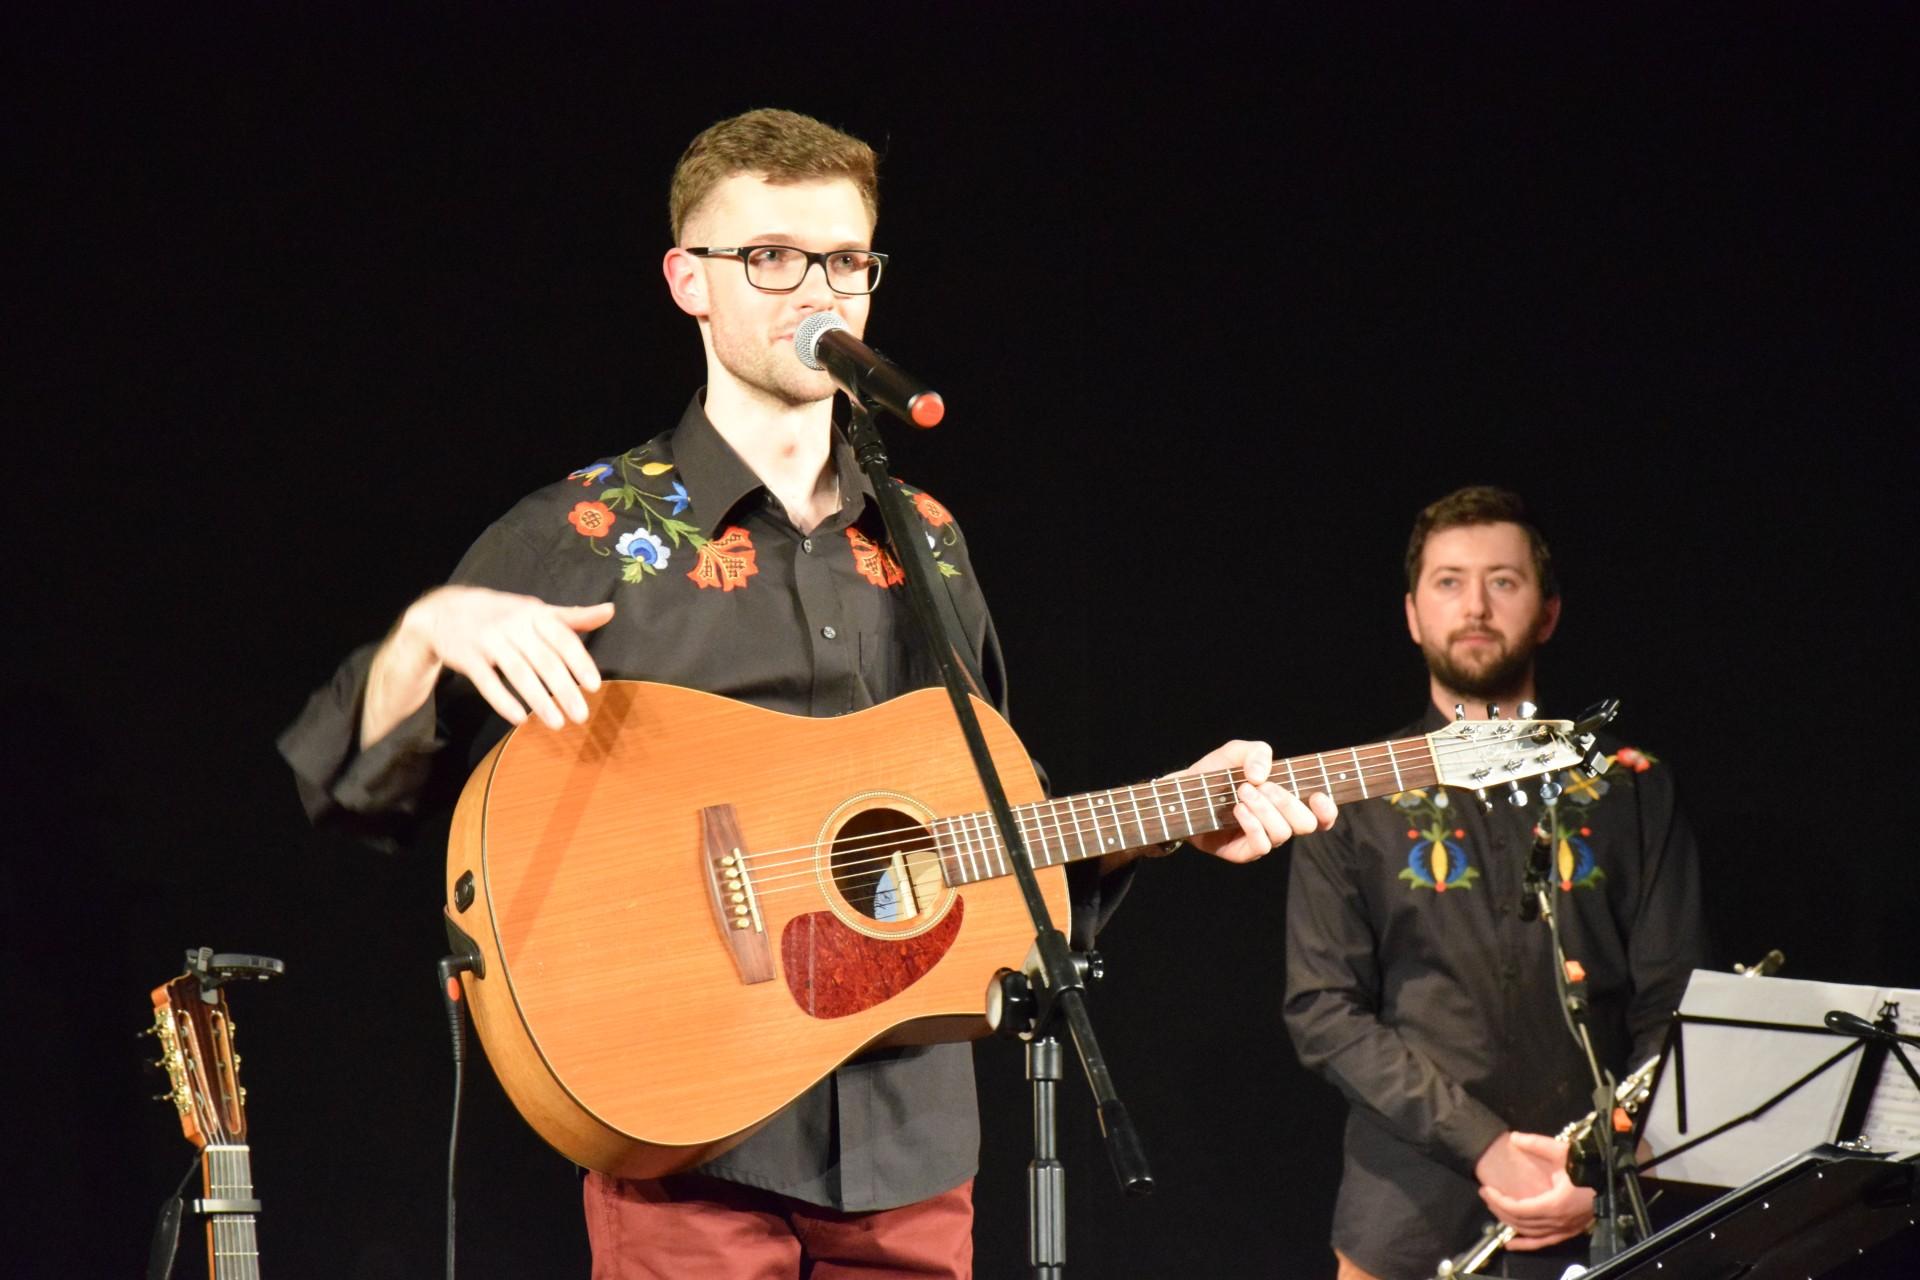 Koncert Pawła Ruszkowskiego z zespołem, 27 kwietnia 2017, Kościerzyna. Fot. Tomasz Słomczyński/Magazyn Kaszuby